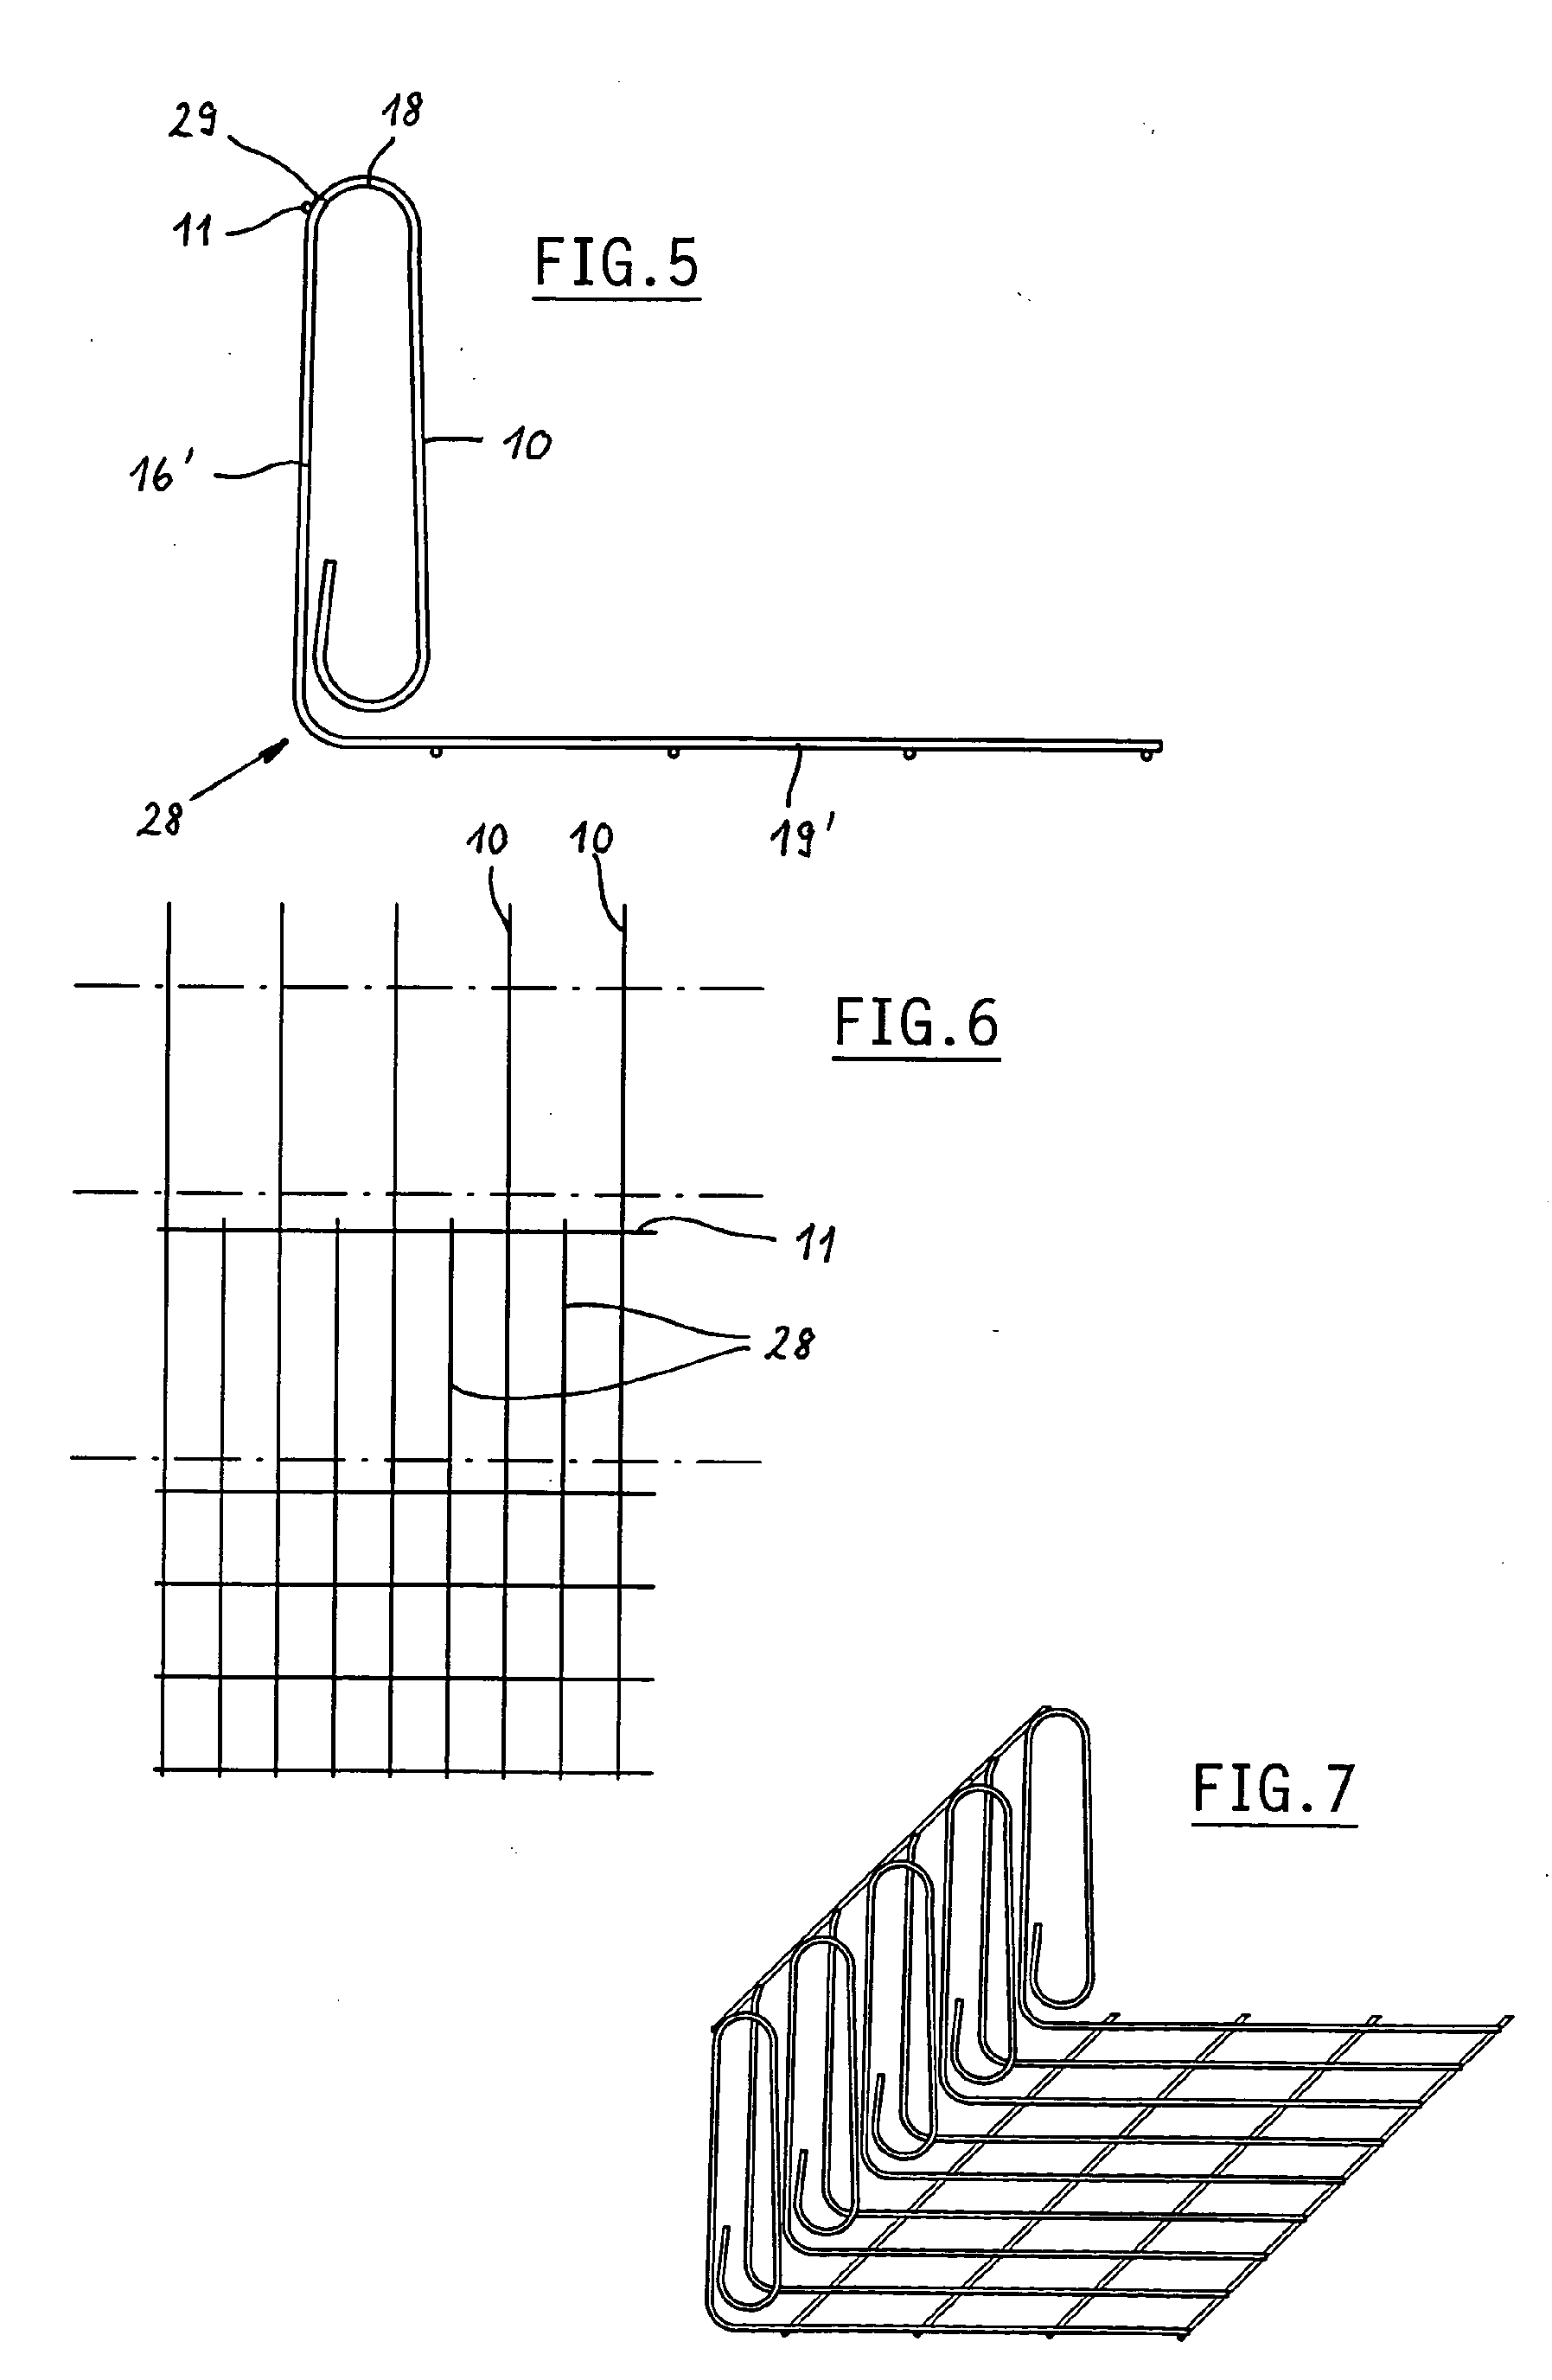 patent ep1878846a1 anschlusskorb seine verwendung und eine damit erstellte anschlussbewehrung. Black Bedroom Furniture Sets. Home Design Ideas